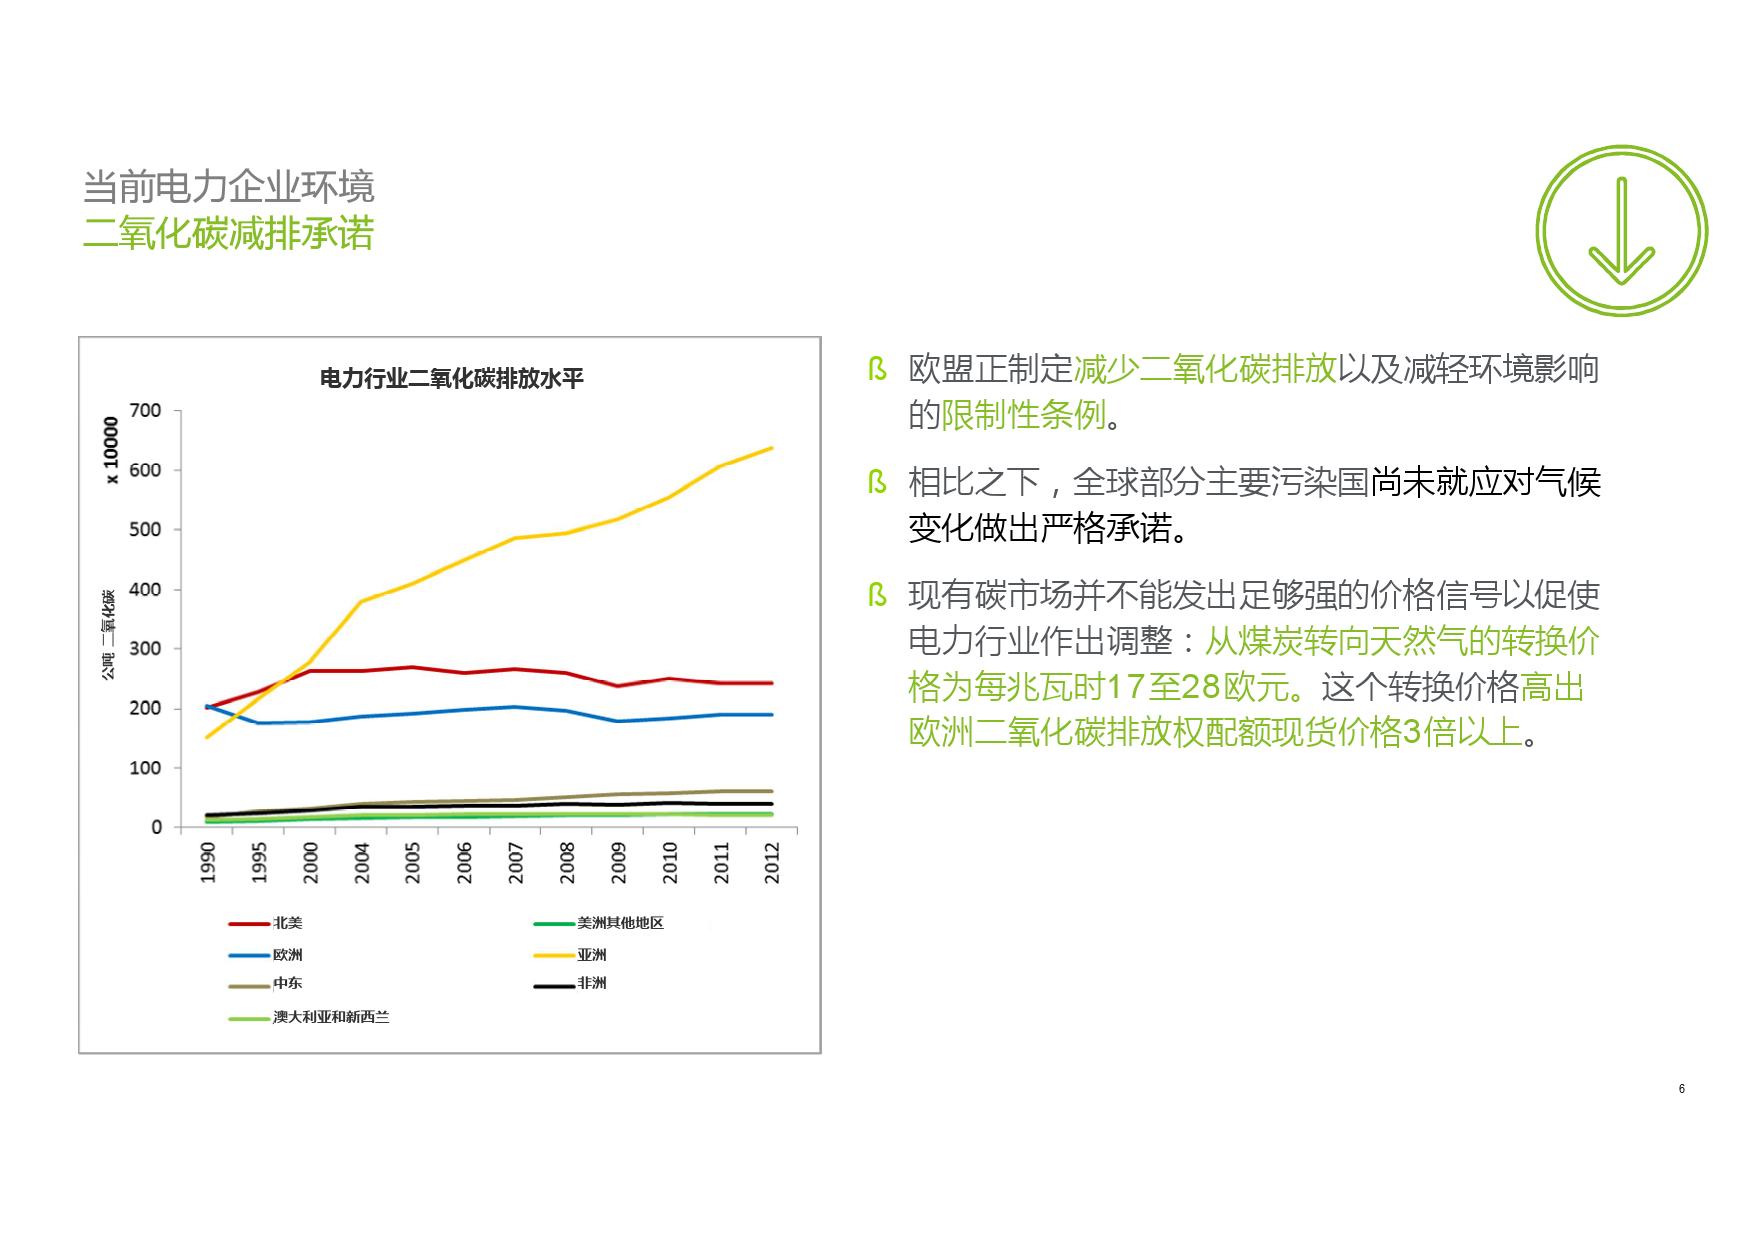 德勤:2016全球电力行业未来发展报告_000006